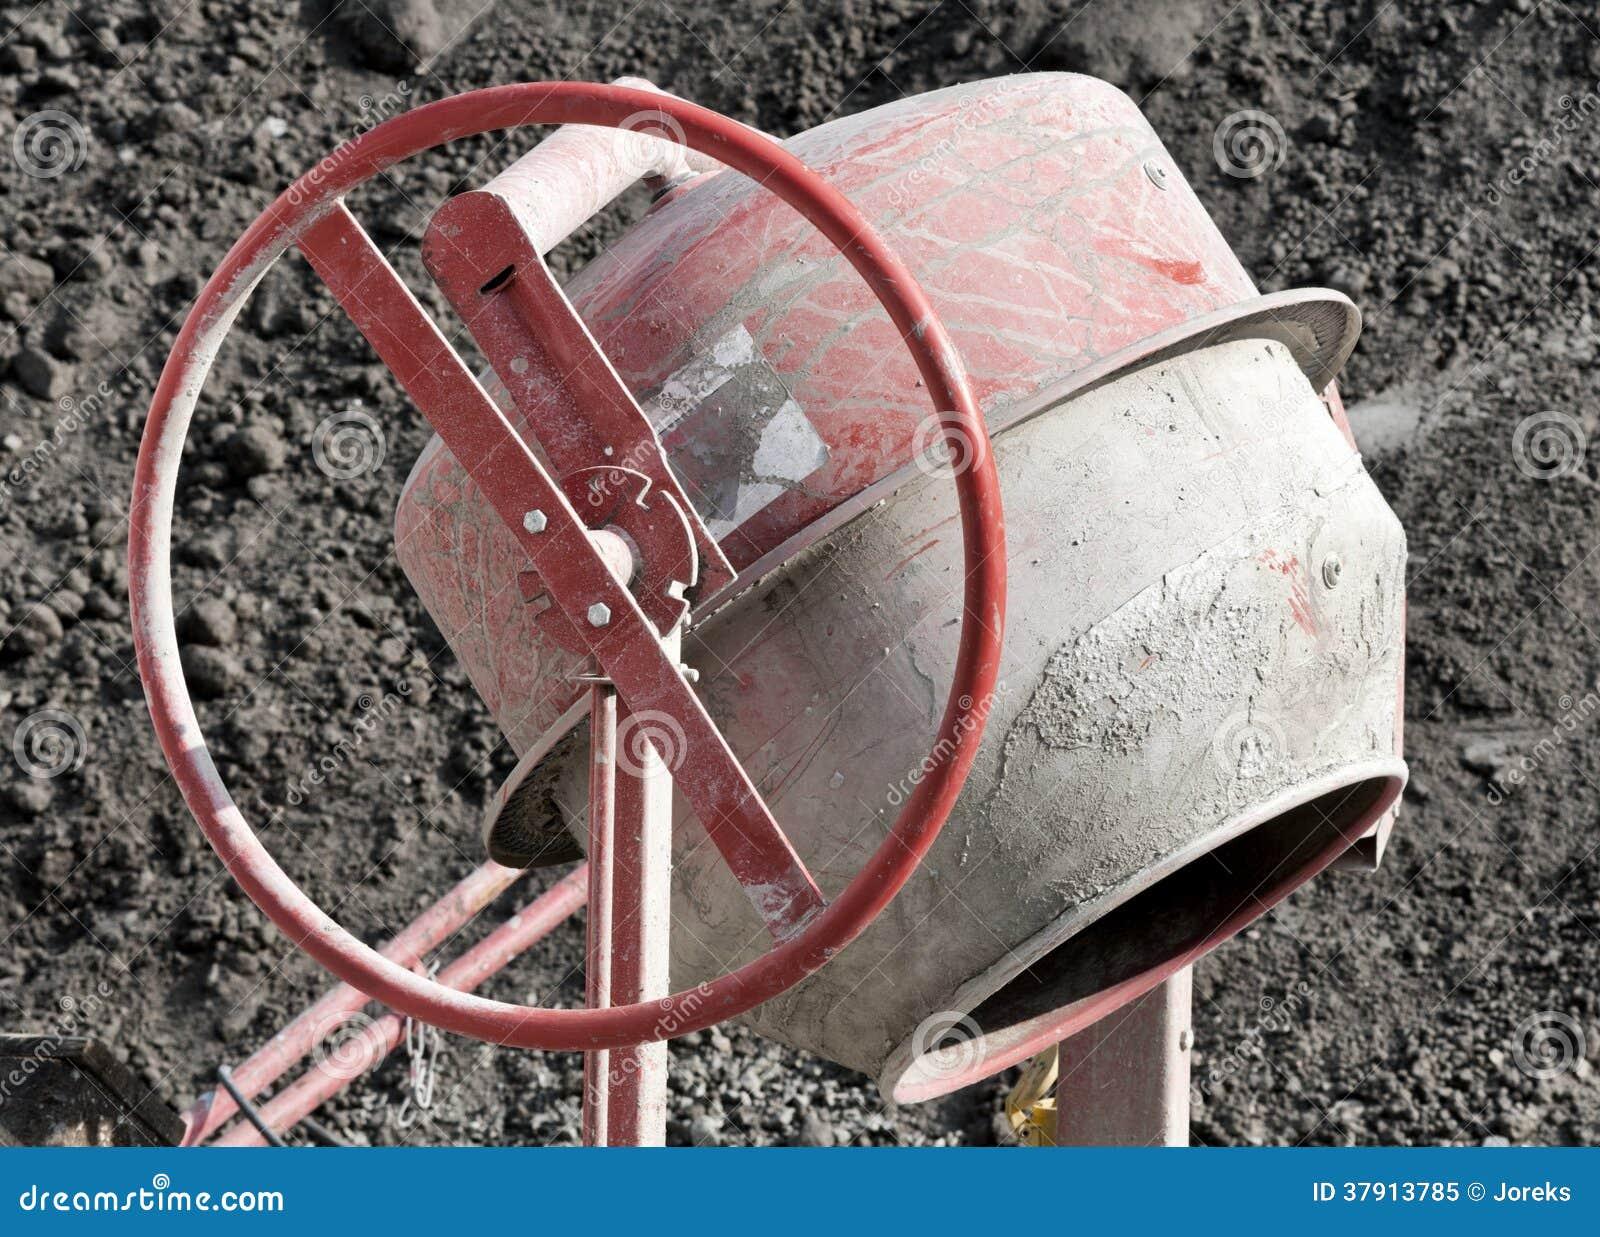 Mezclador de cemento